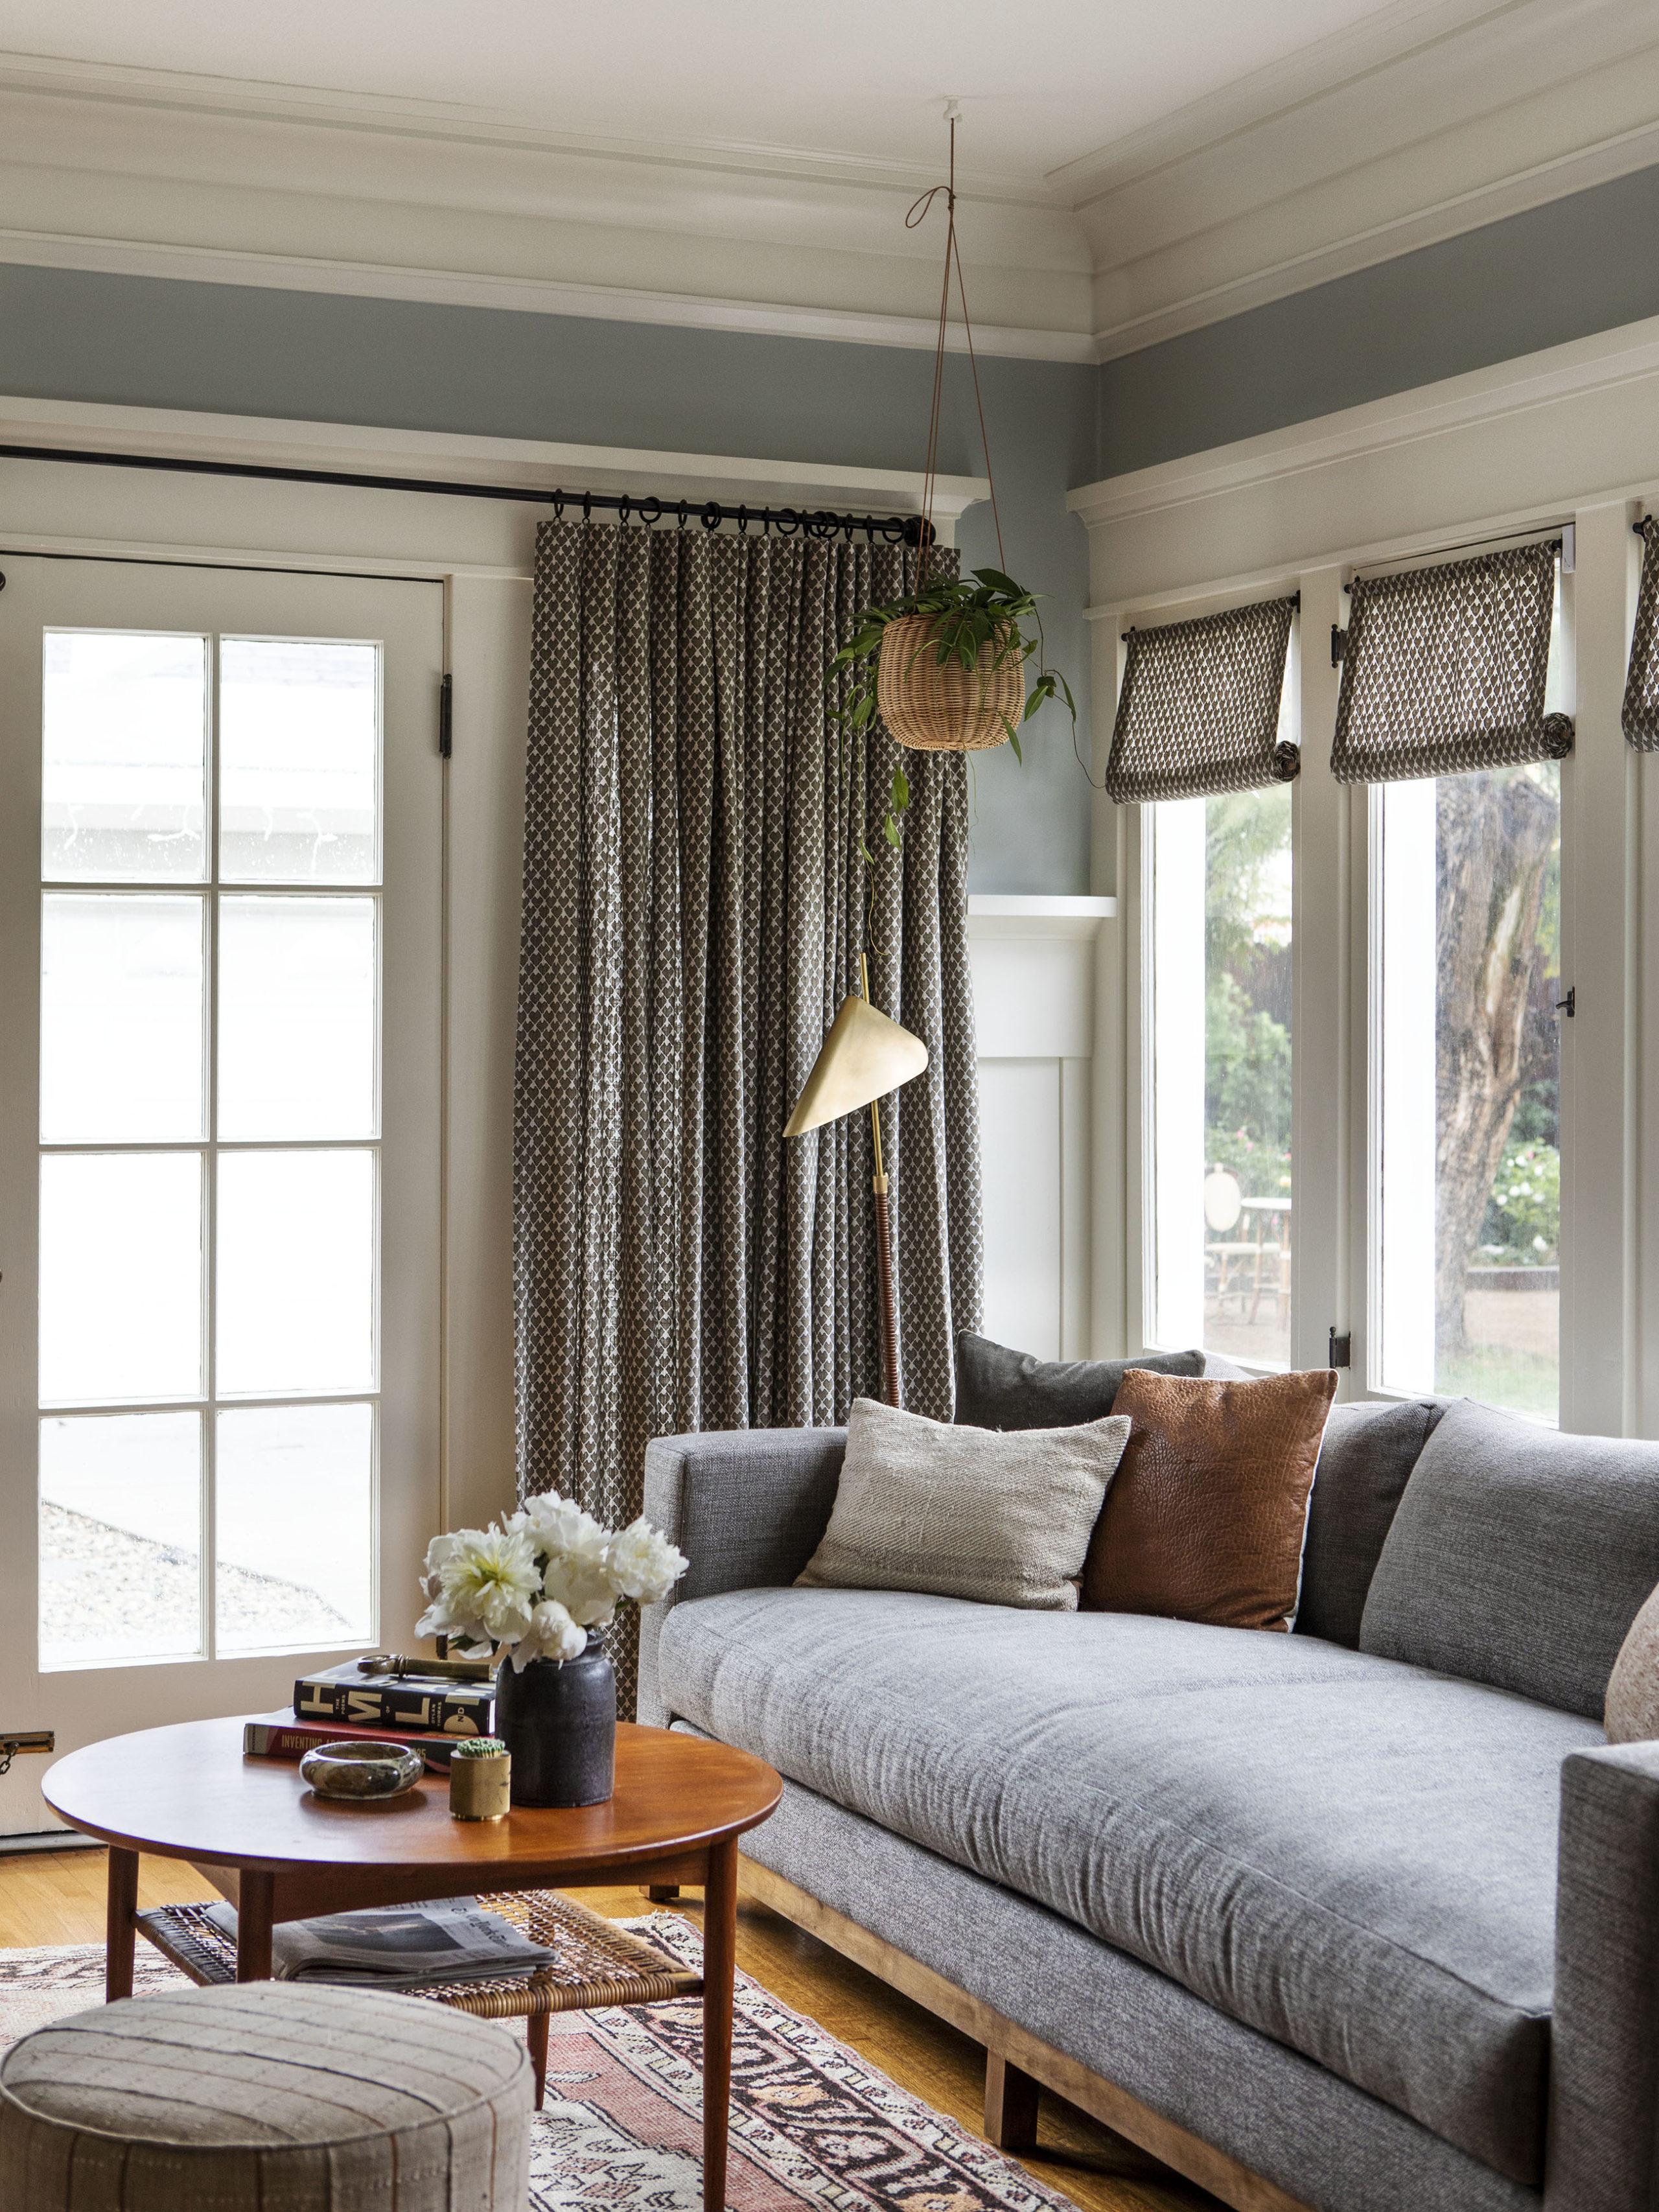 salon confortable avec draperie personnalisée | visite de maison d'artisan historique moderne jacey duprie